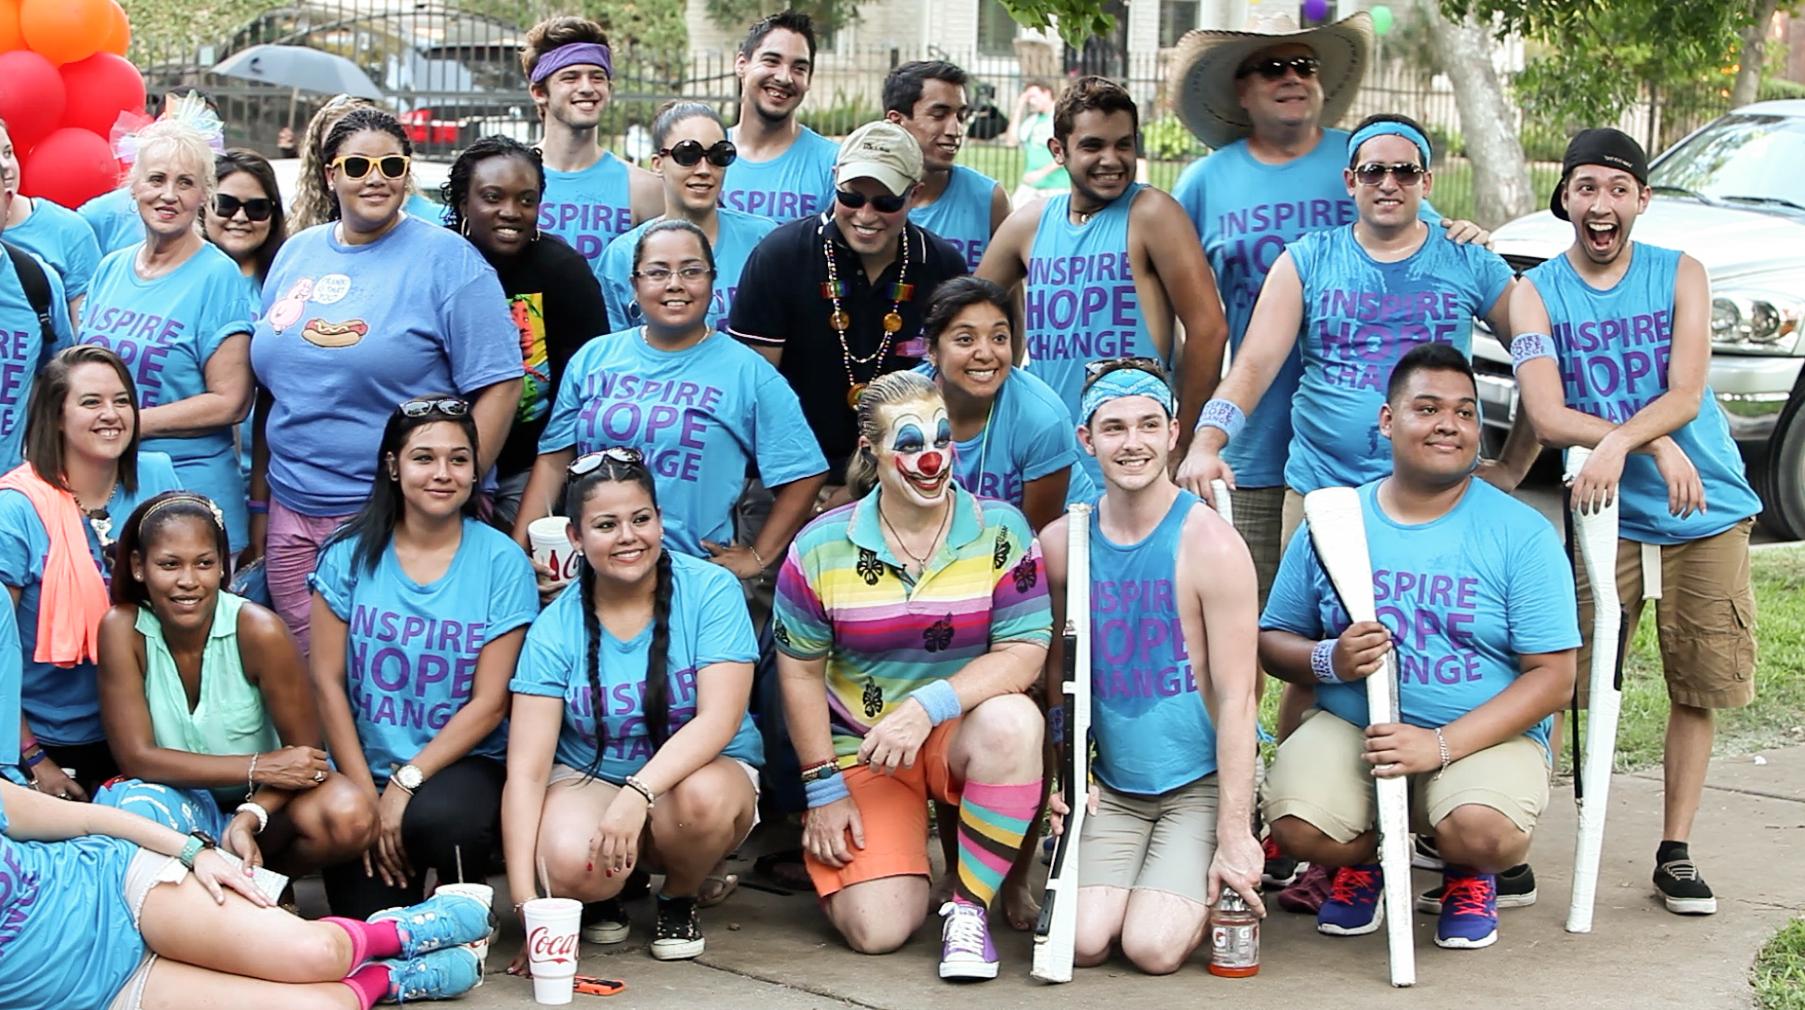 Houston Gay Pride parade